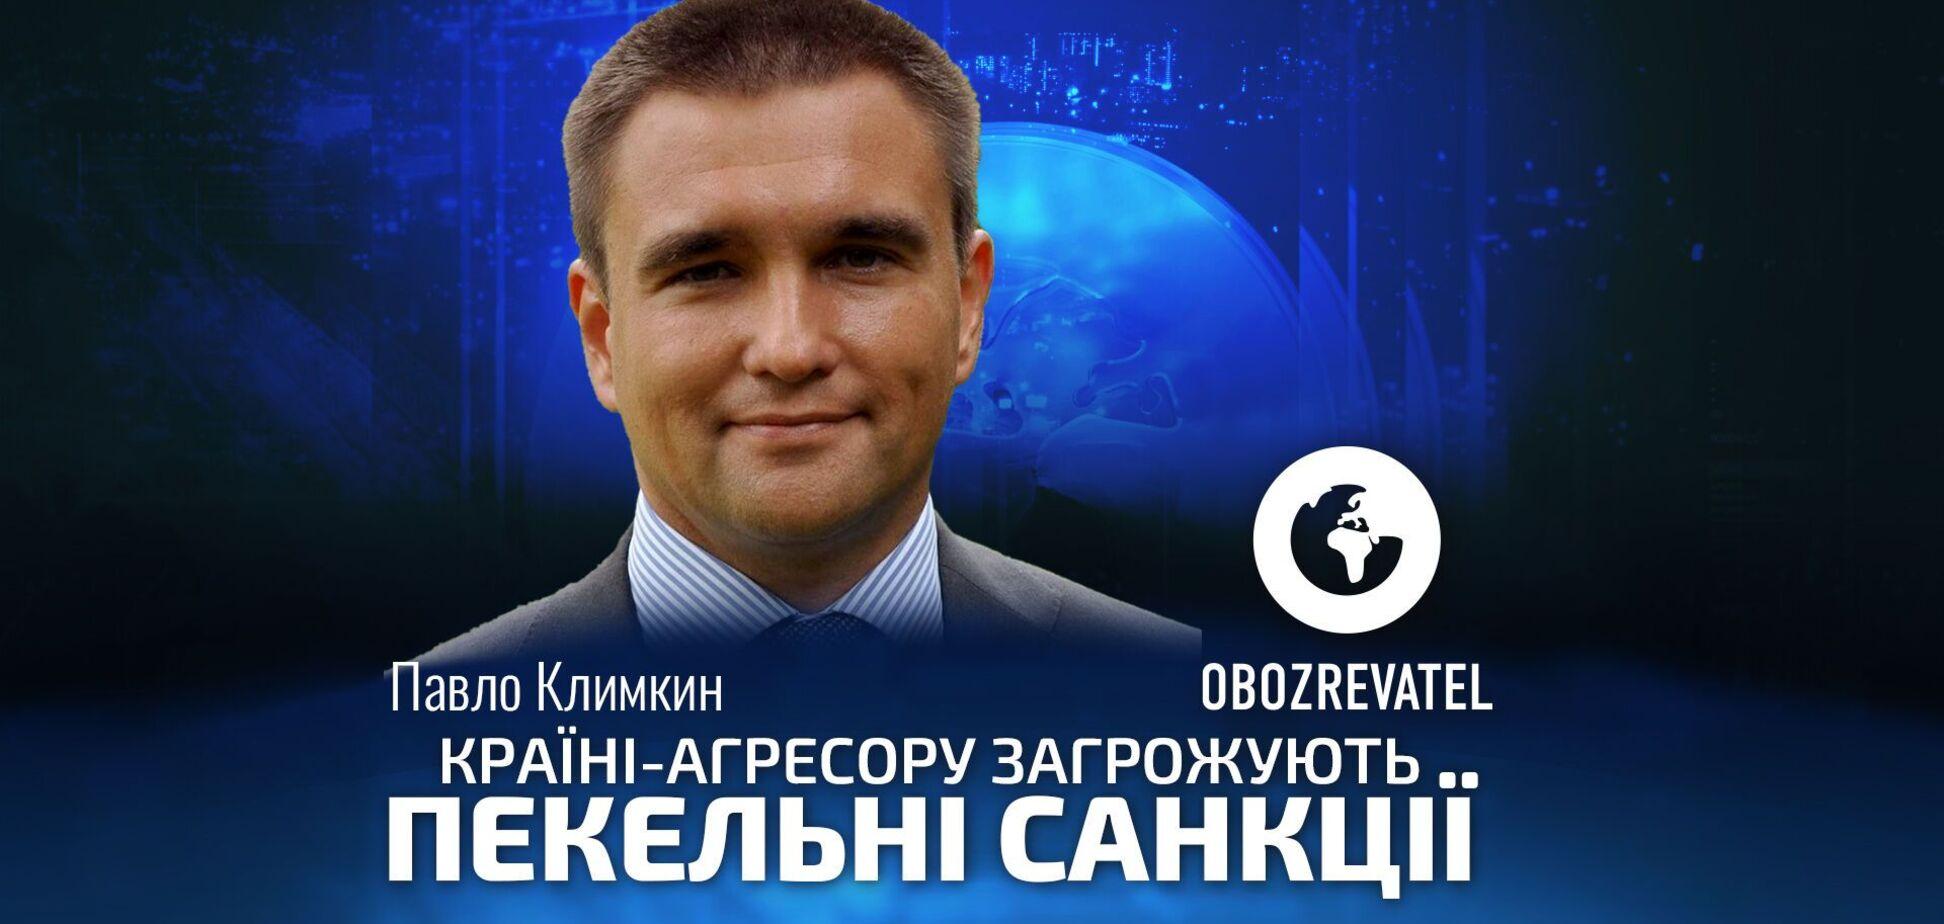 Клімкін: Кремль хоче нашої капітуляції